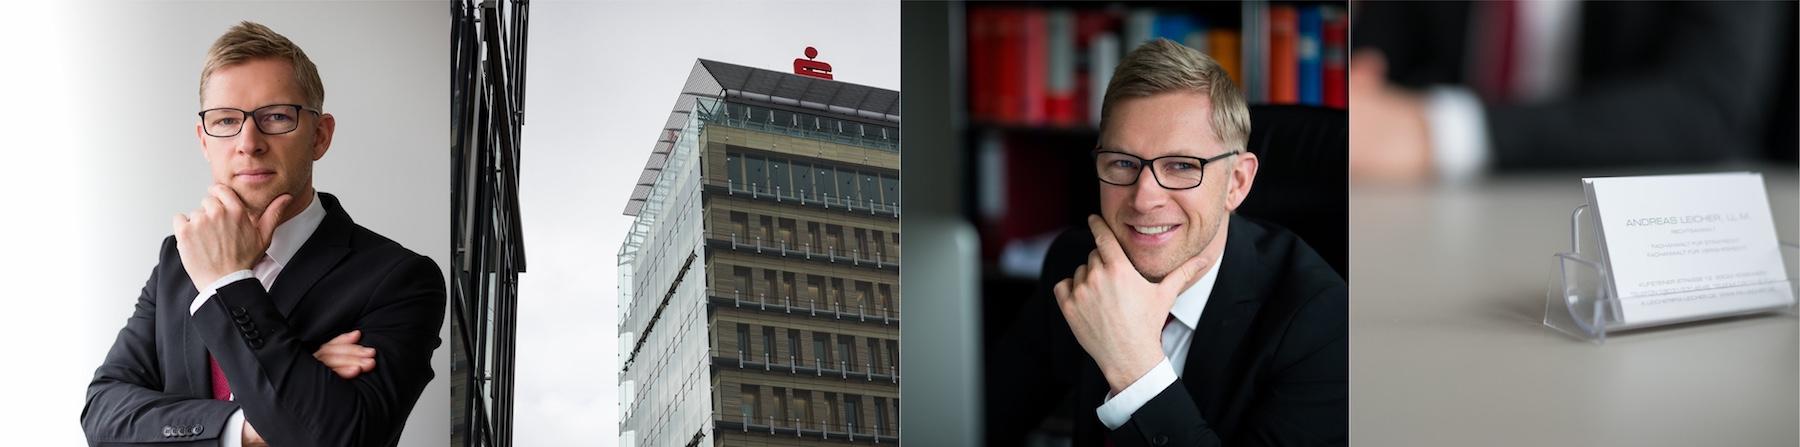 Andreas Leicher, L.L.M. | Fachanwalt für Strafrecht Rosenheim | Strafverteidiger | Fachanwalt für Verkehrsrecht